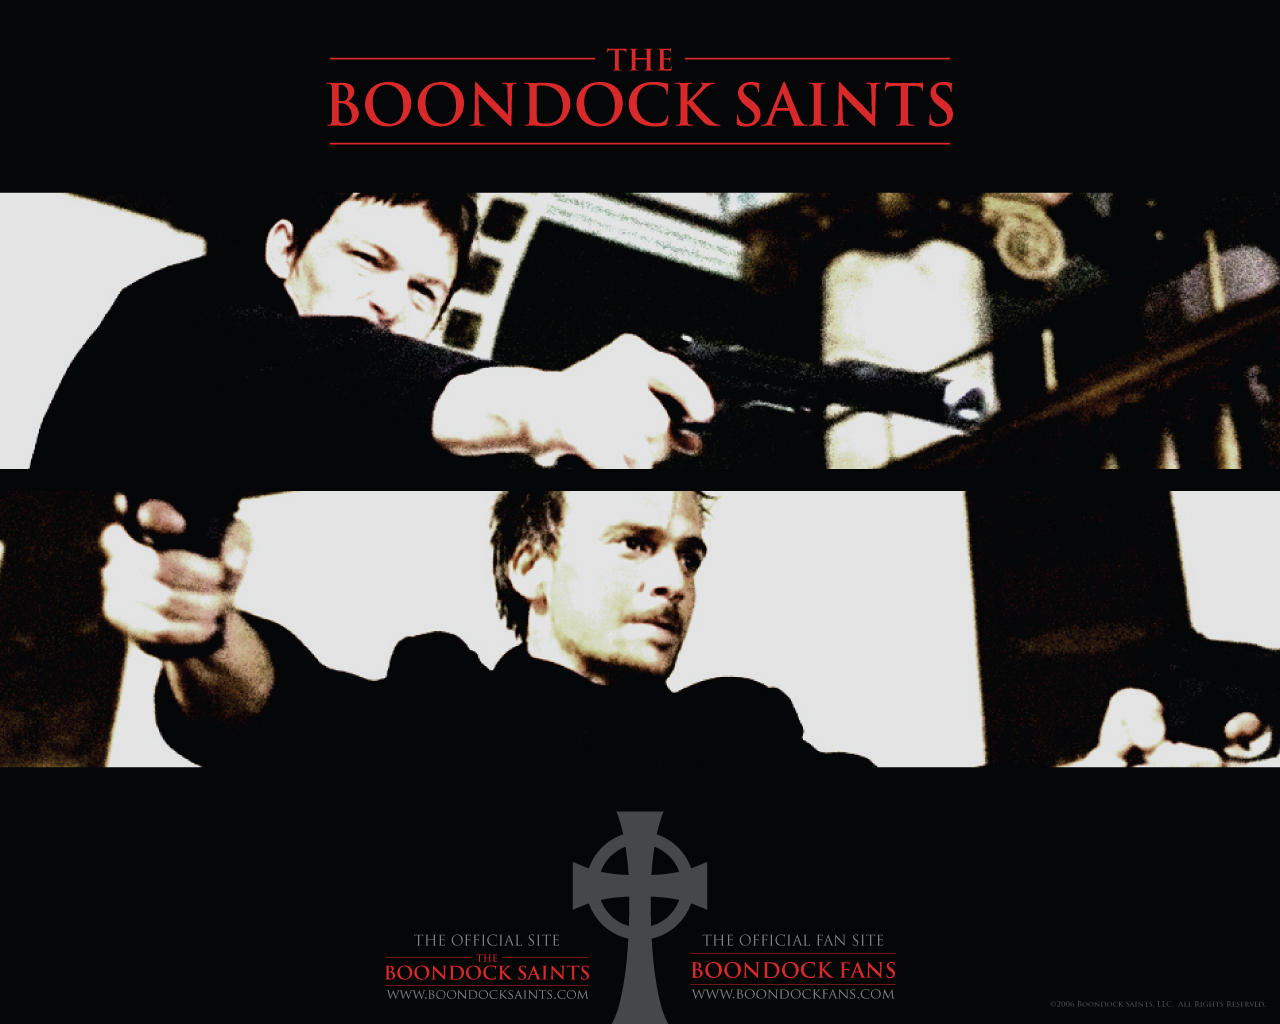 The Boondock Saints Computer Wallpapers Desktop Backgrounds 1280x1024